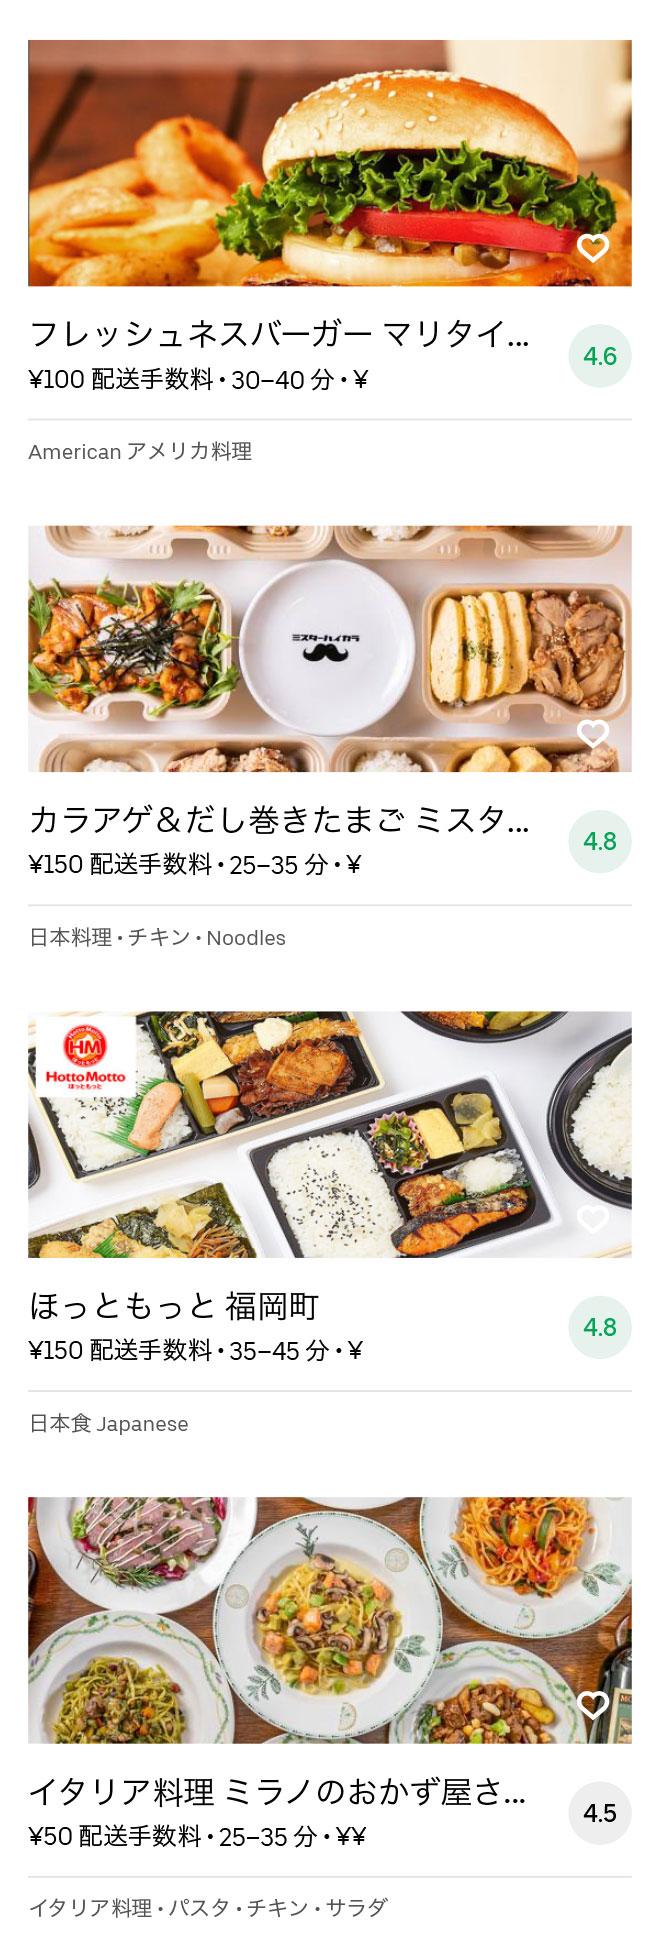 Katahara machi menu 2008 03